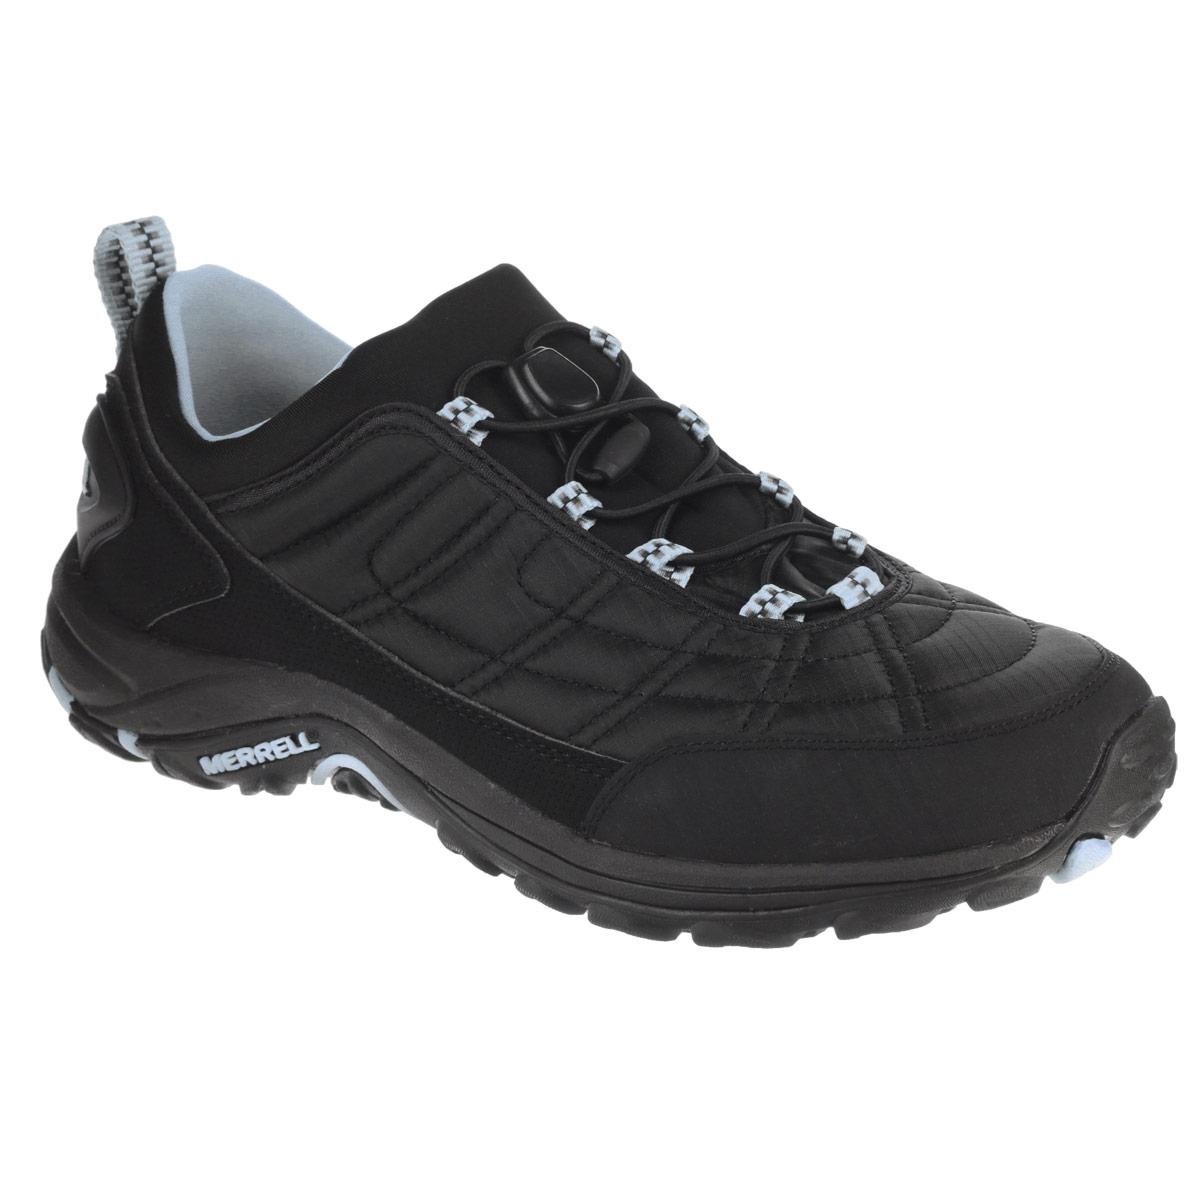 J144429CУдобные трекинговые женские кроссовки Ice Cap Moc III Stretch от Merrell прекрасно подойдут для активного отдыха. Верх модели выполнен из нейлона с водоотталкивающей пропиткой. Резиновый бампер носка защитит кроссовки при носке и продлит срок их службы. Подкладка, выполненная из мягкого флиса и текстиля, защитит ноги от холода. Эластичная шнуровка с пластиковым стоппером надежно фиксирует модель на ноге. Кроссовки оформлены вставками из искусственной кожи, цветными петельками для шнурков, на заднике рельефной надписью Merrell. Промежуточная подошва выполнена из ЭВА с Air Cushion - гибкого, легкого материала обладающего отличной амортизацией, который стабилизирует и защищает от ударов стопу. Подошва Merrell Mimic Sole из резины с рельефным протектором обеспечивает отличное сцепление на скользкой и заснеженной поверхности. Эти кроссовки оптимальный вариант для трекинга. В них вашим ногам будет комфортно и уютно.